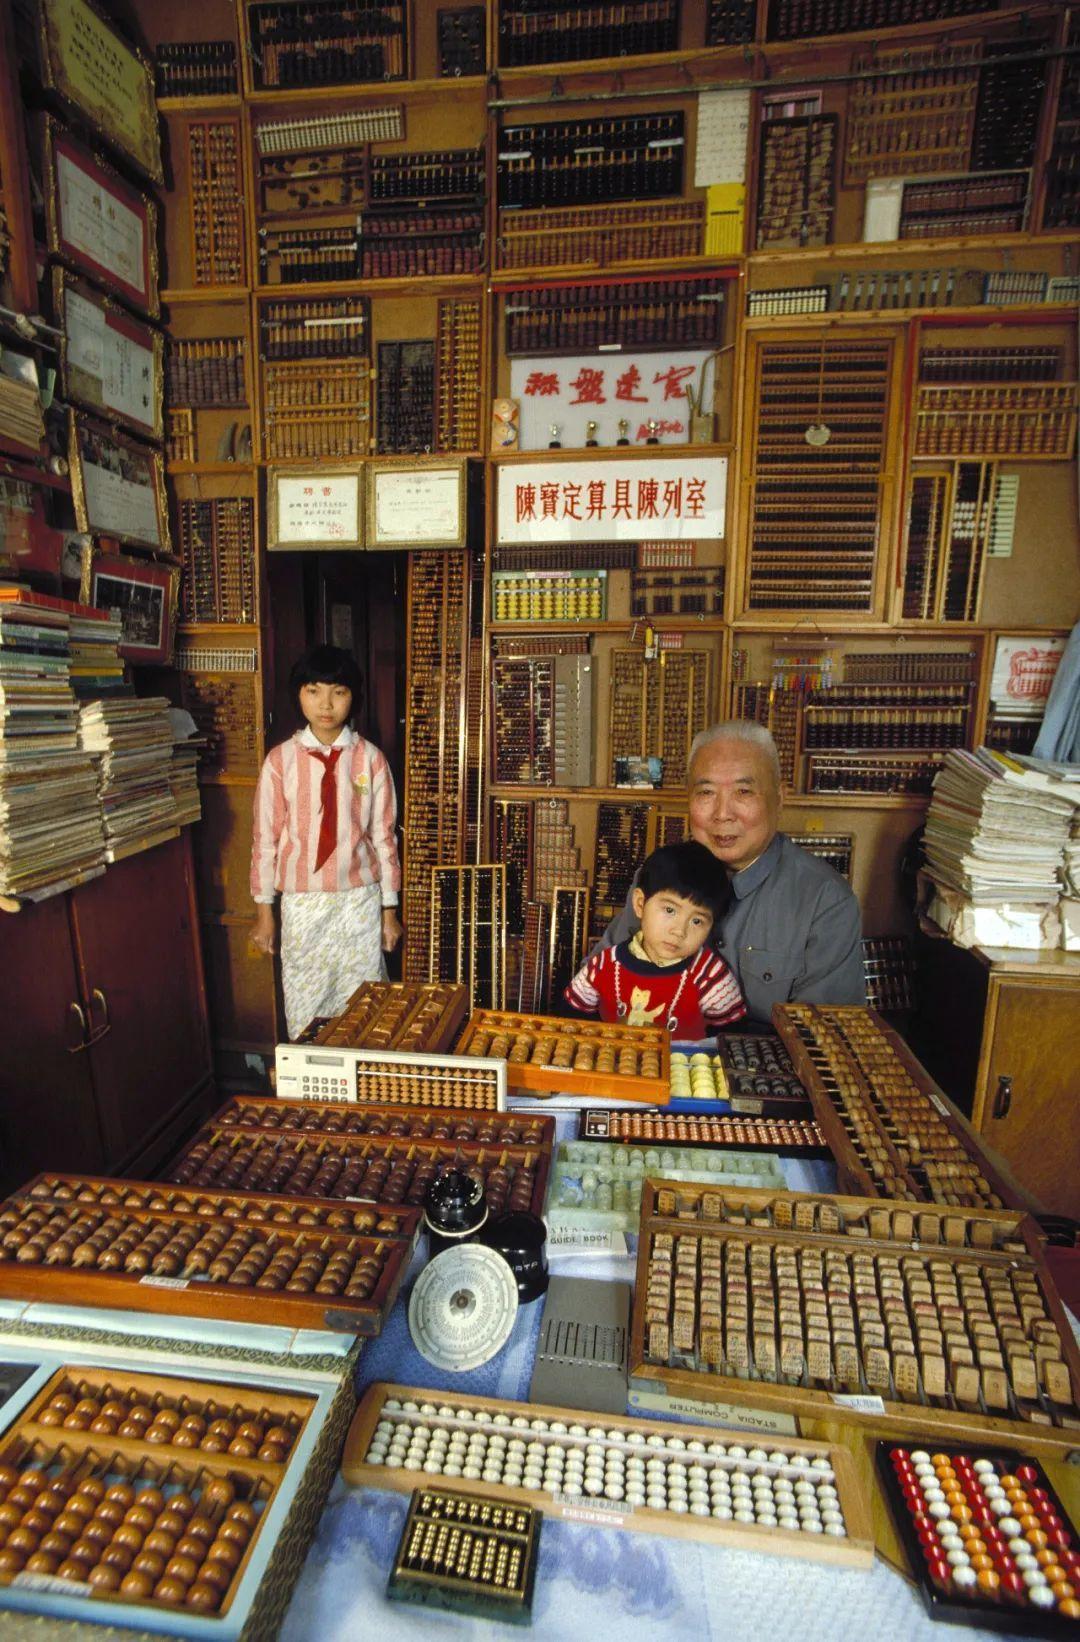 外國攝影師鏡頭里的中國記憶